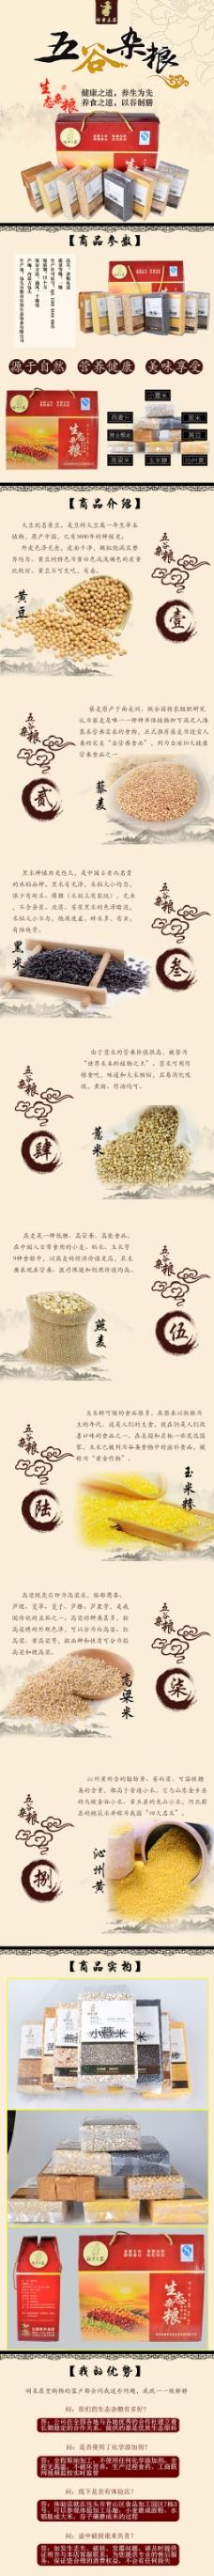 五谷杂粮淘宝天猫详情页及文案